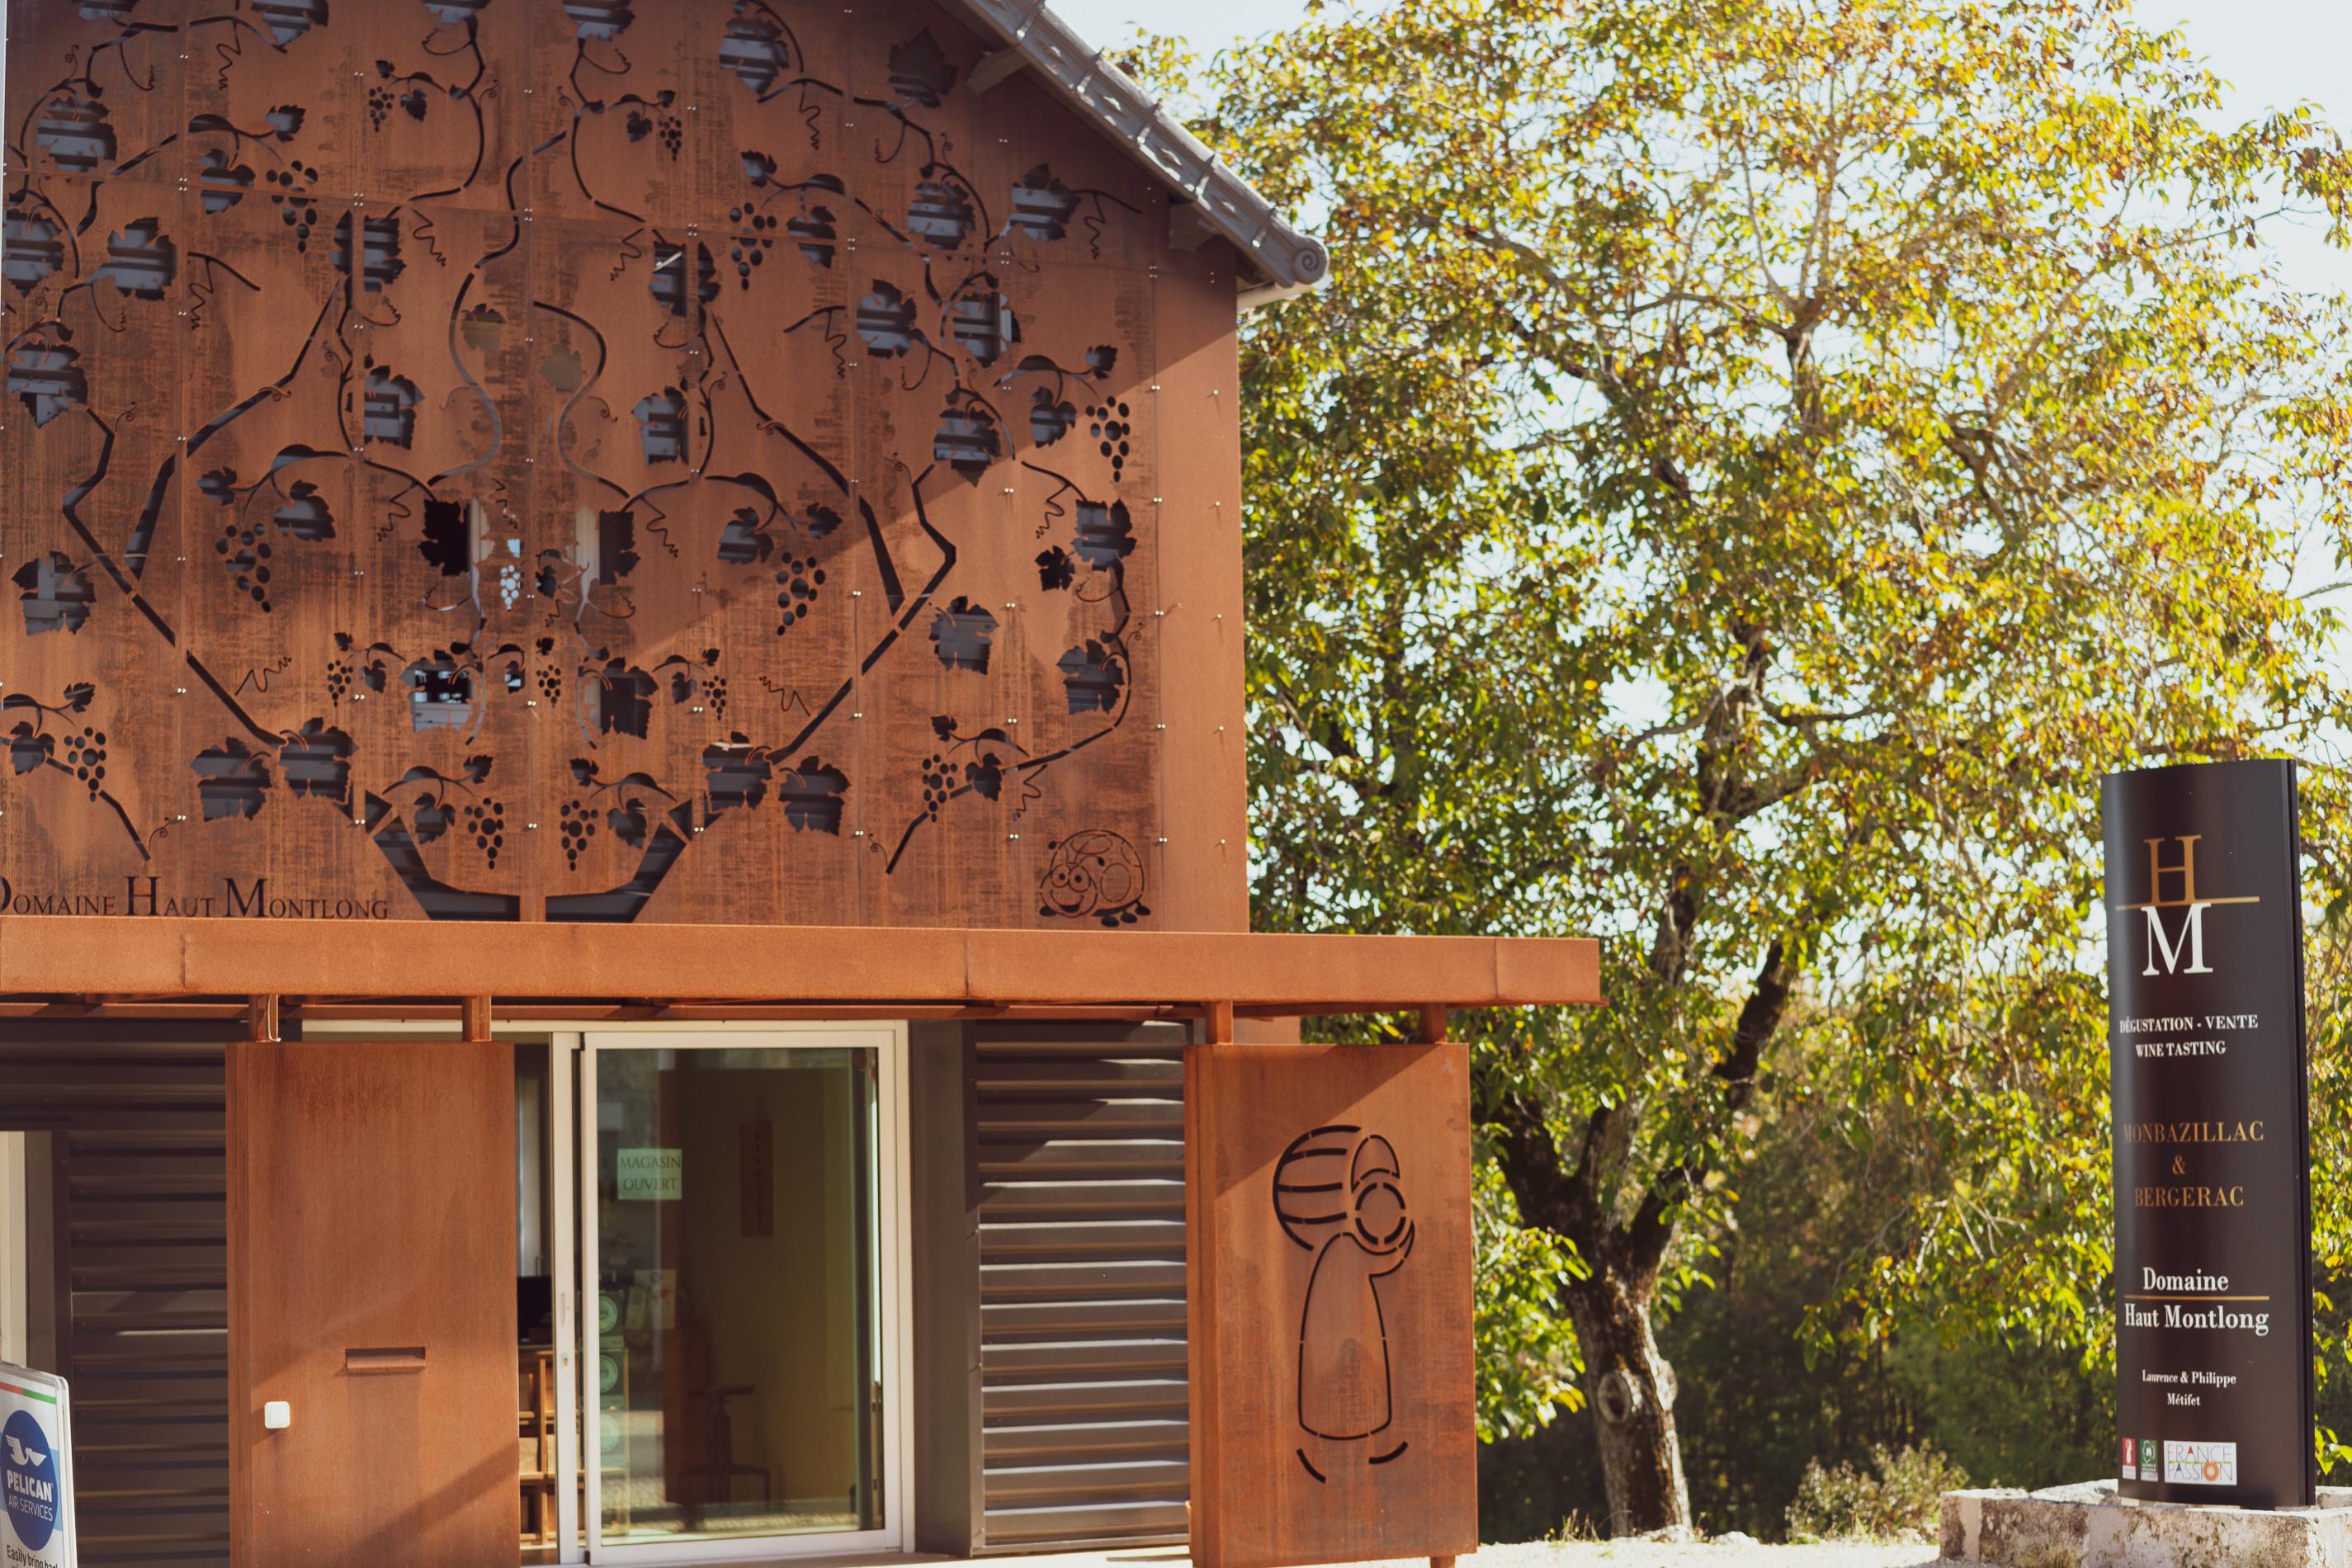 Visite gratuite du domaine Haut Montlong